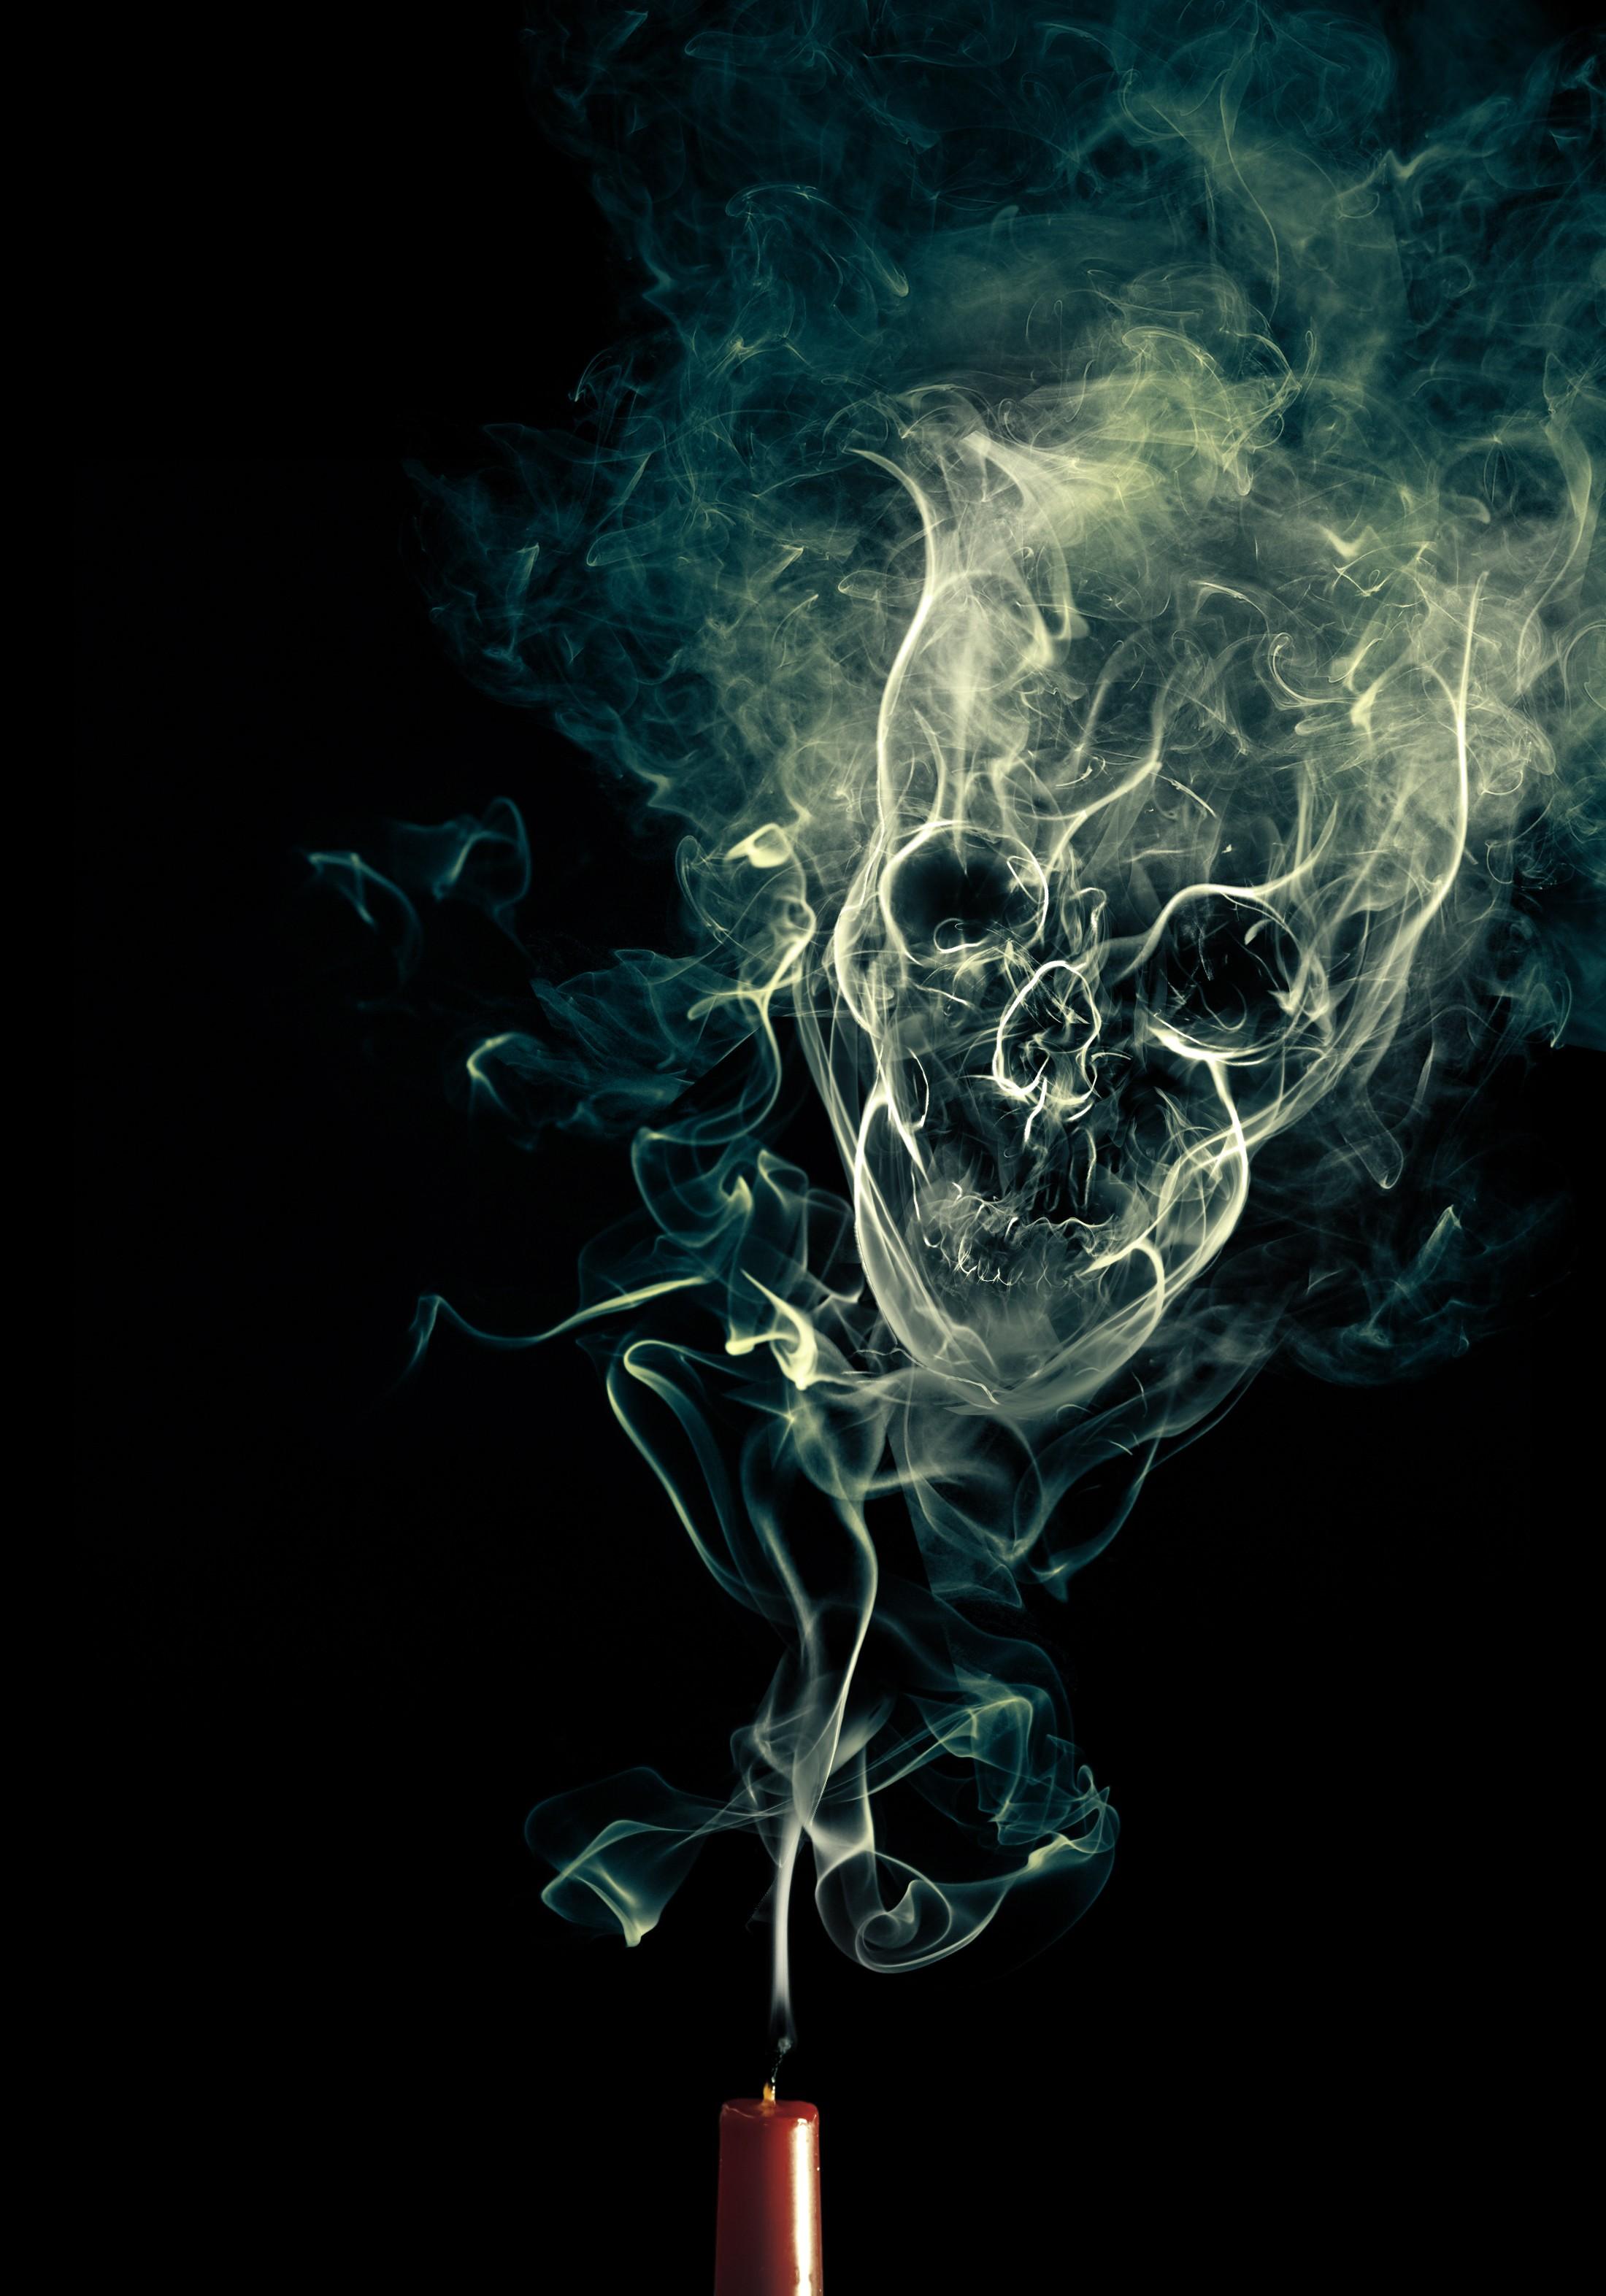 33 Sets of Free Smoke Photoshop Brushes - UCreative.com